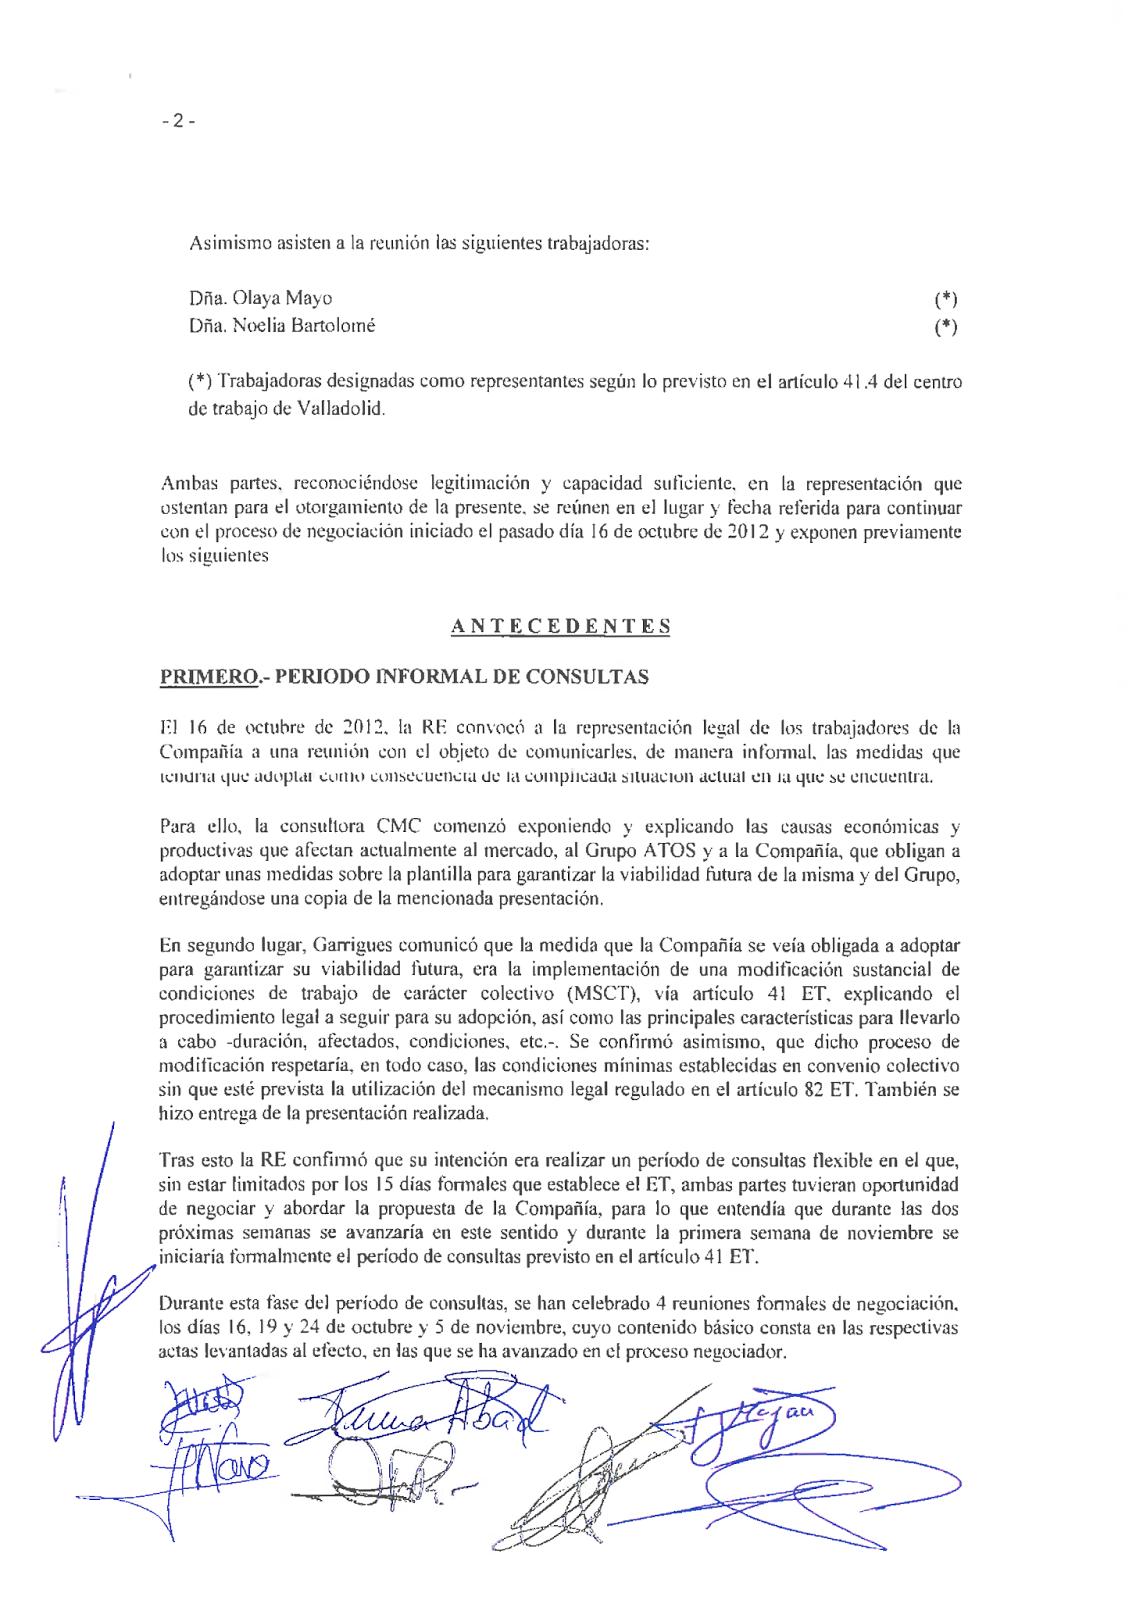 GAtos Sindicales: El acuerdo de la MSCT